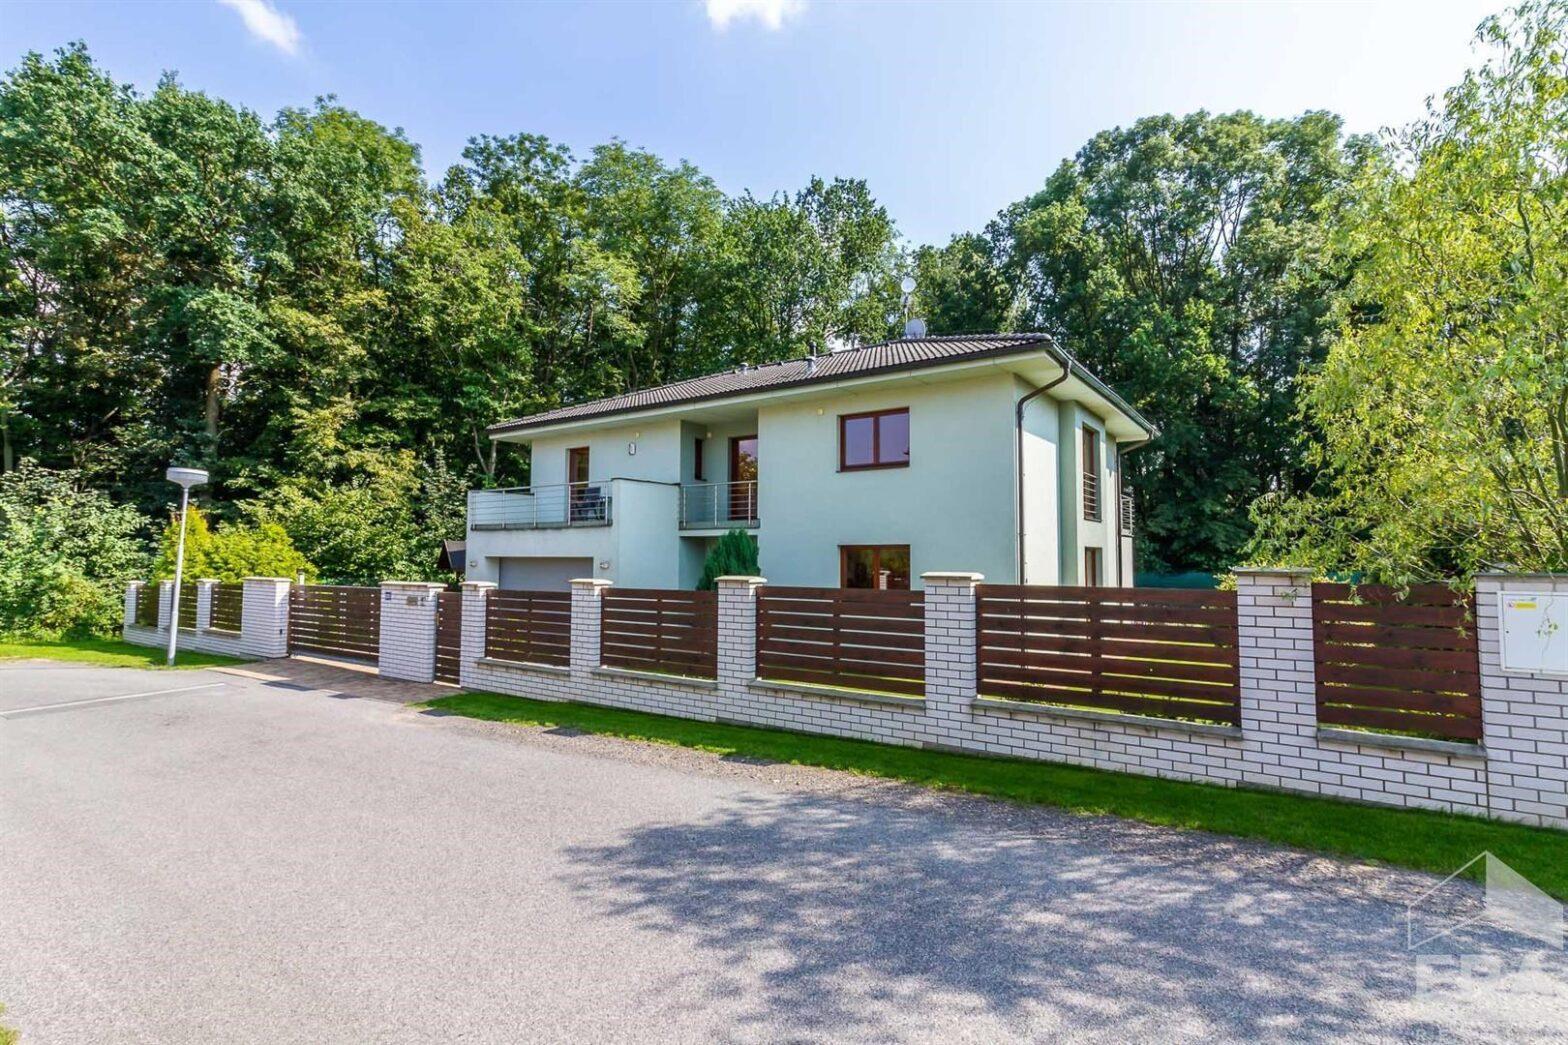 Prodej rodinného domu 236m2, pozemek 725m2 ulice Polní, Průhonice – část obce Průhonice